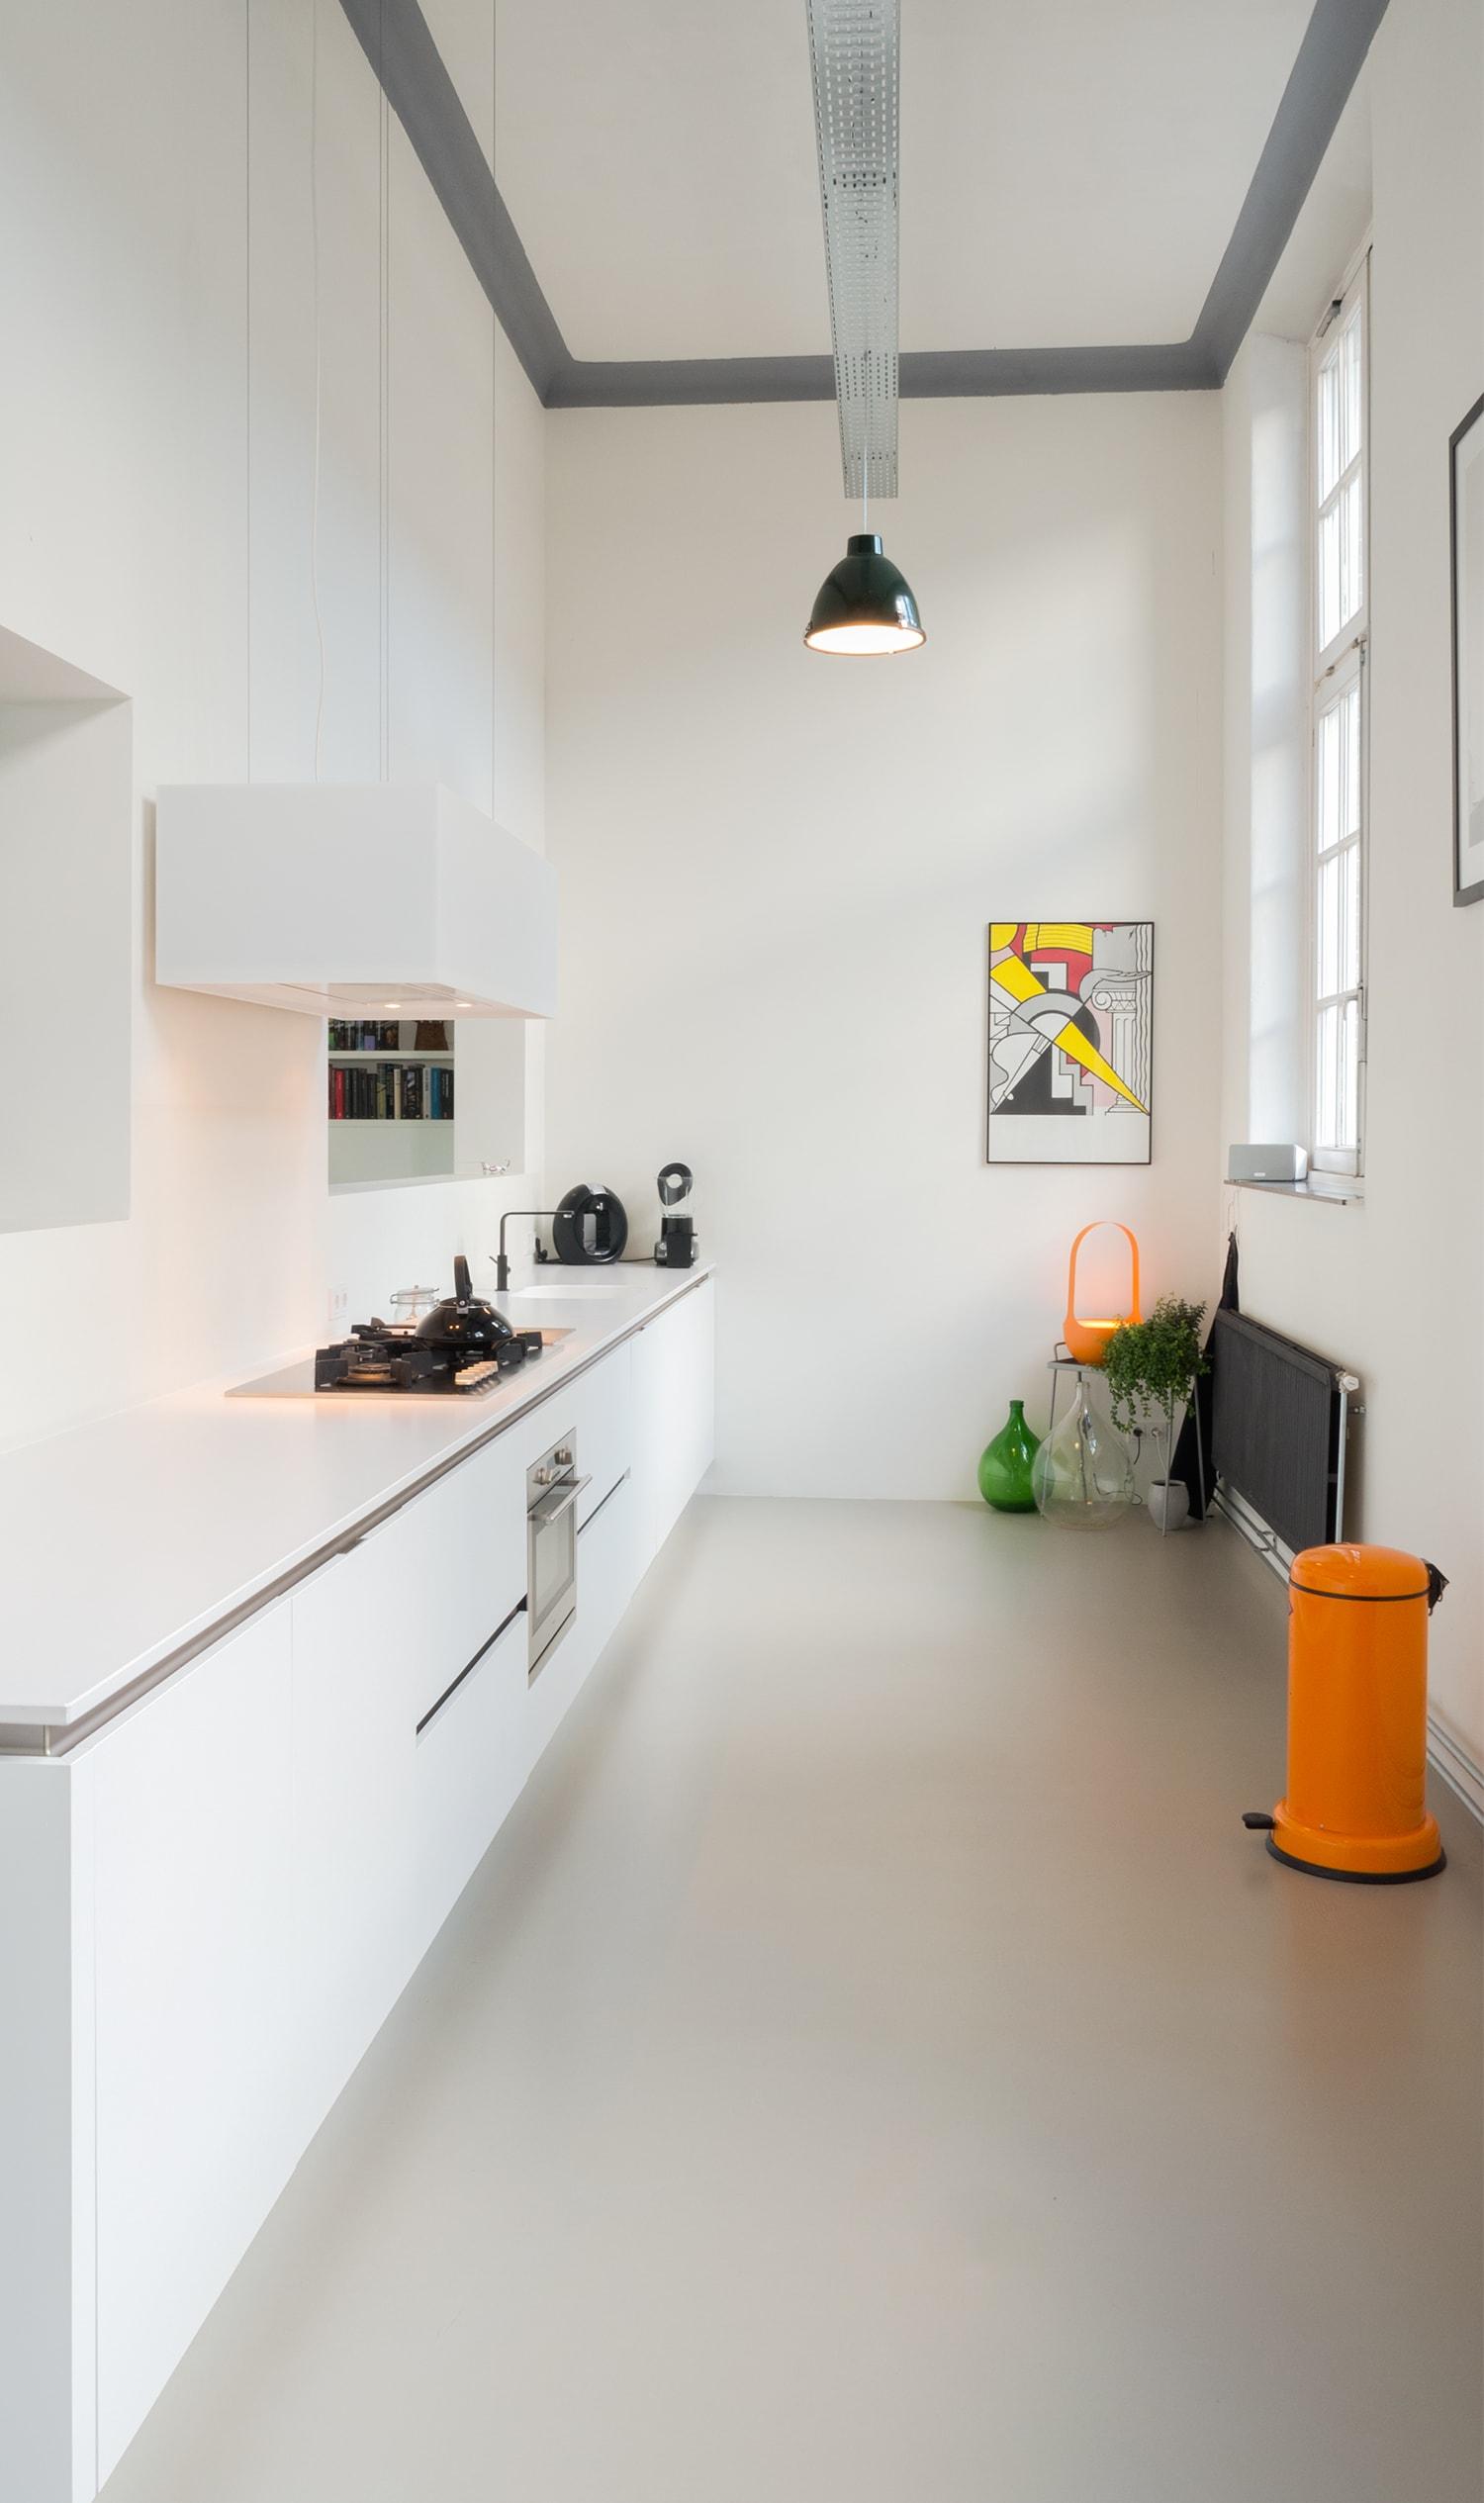 Verbouwing woning in school. Langwerpige witte keuken in oude gang van school. Perfecte plek voor de keuken door de smallere breedte. De hoogte van 4.5m geeft veel lucht aan deze ruimte. De kozijnen rechts zijn noord georiënteerd en geven d perfecte lichtinval.